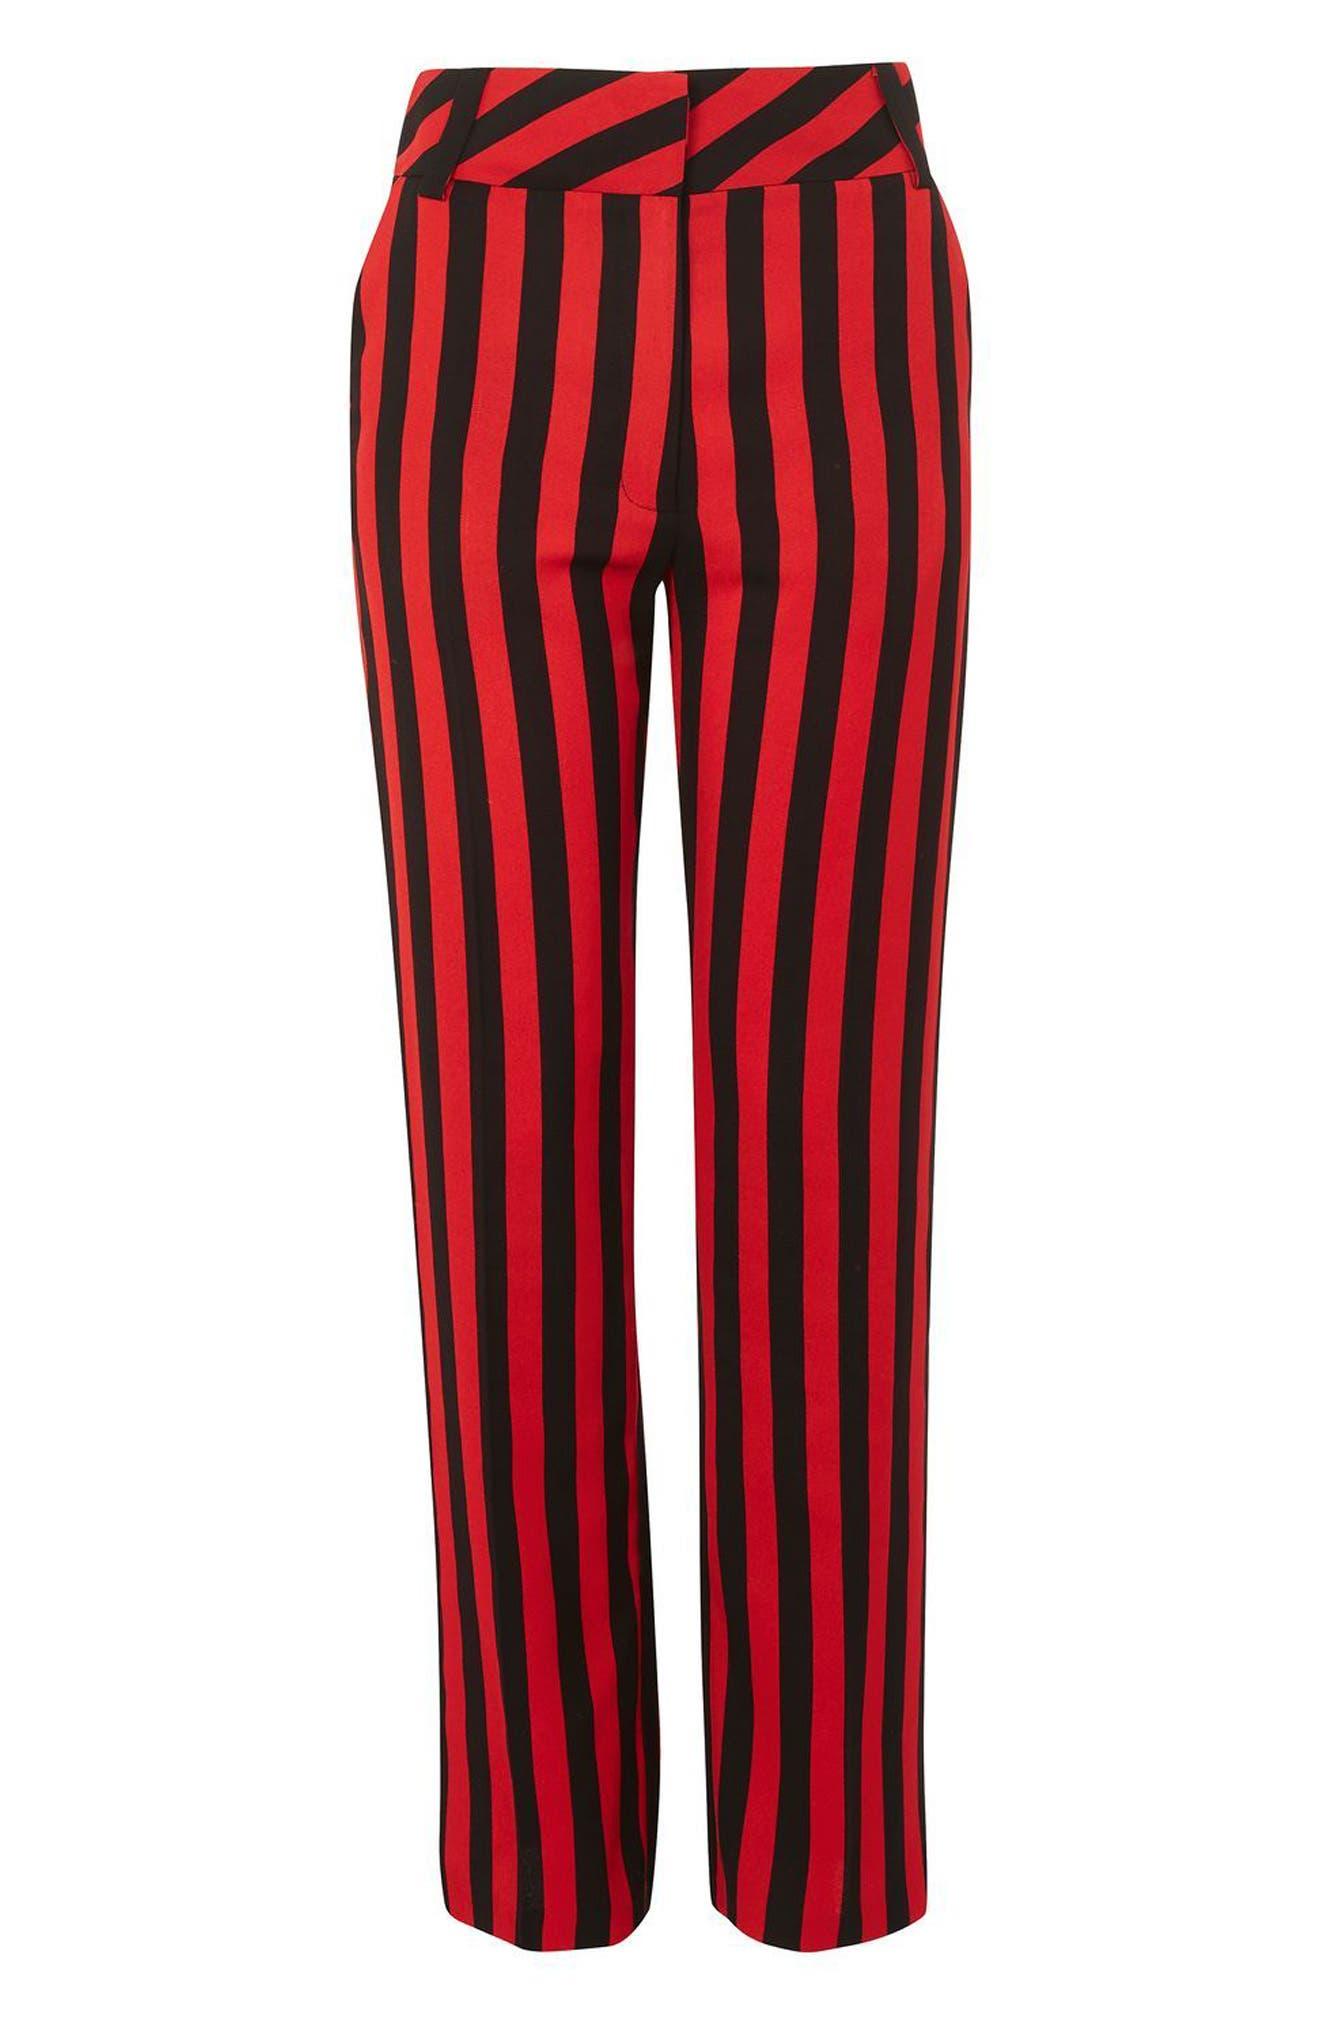 Humbug Stripe Trousers,                             Alternate thumbnail 9, color,